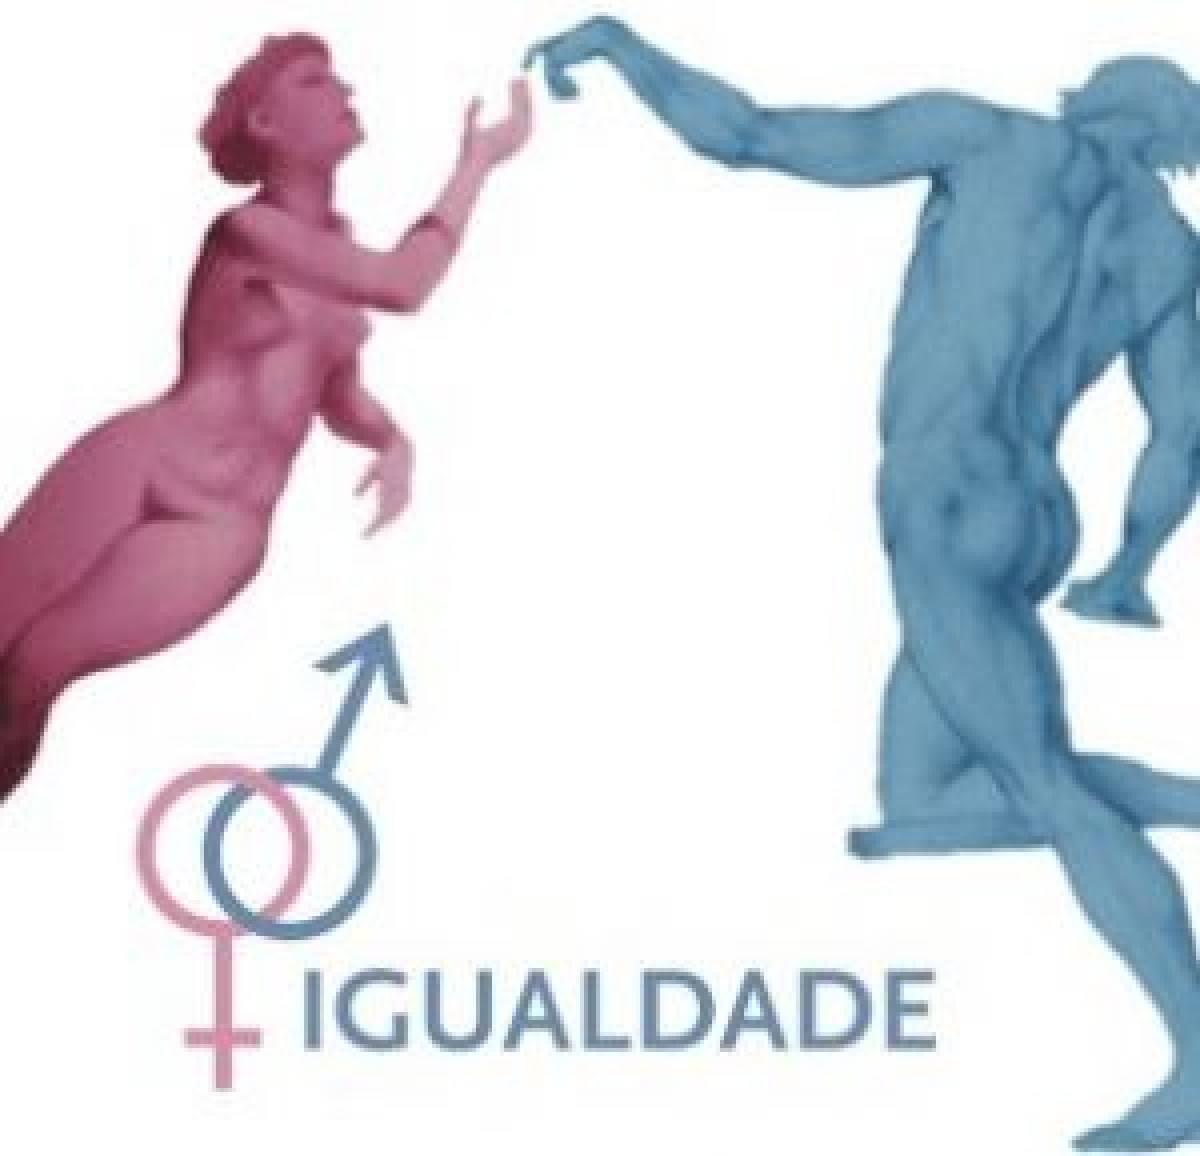 Em 2011, mulheres receberam 72,3% do salário dos homens, diz IBGE